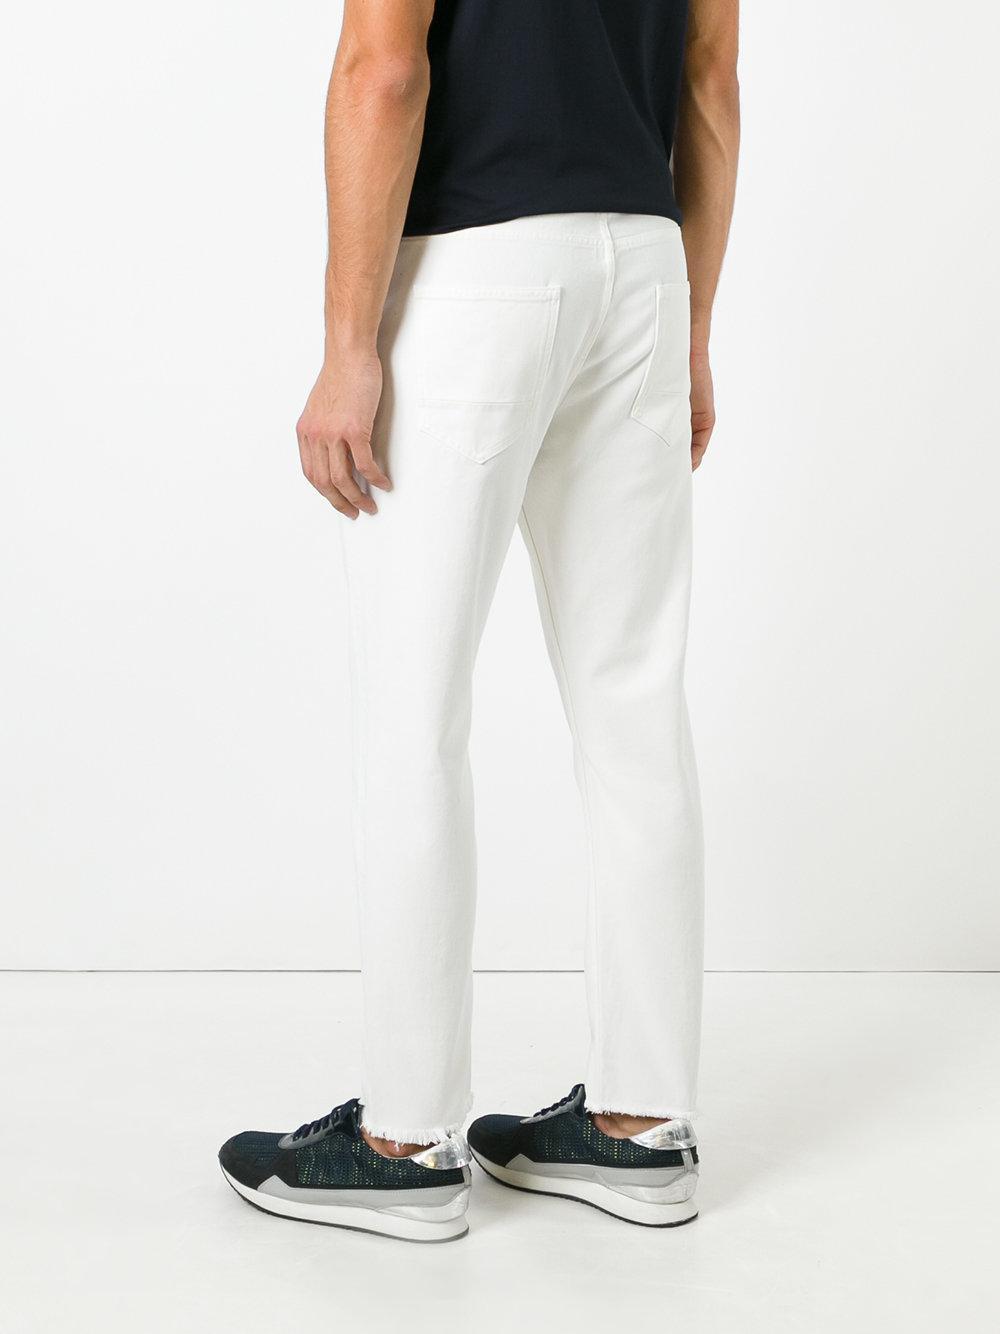 Golden Goose Deluxe Brand Denim Raw Edge Hem Jeans in White for Men